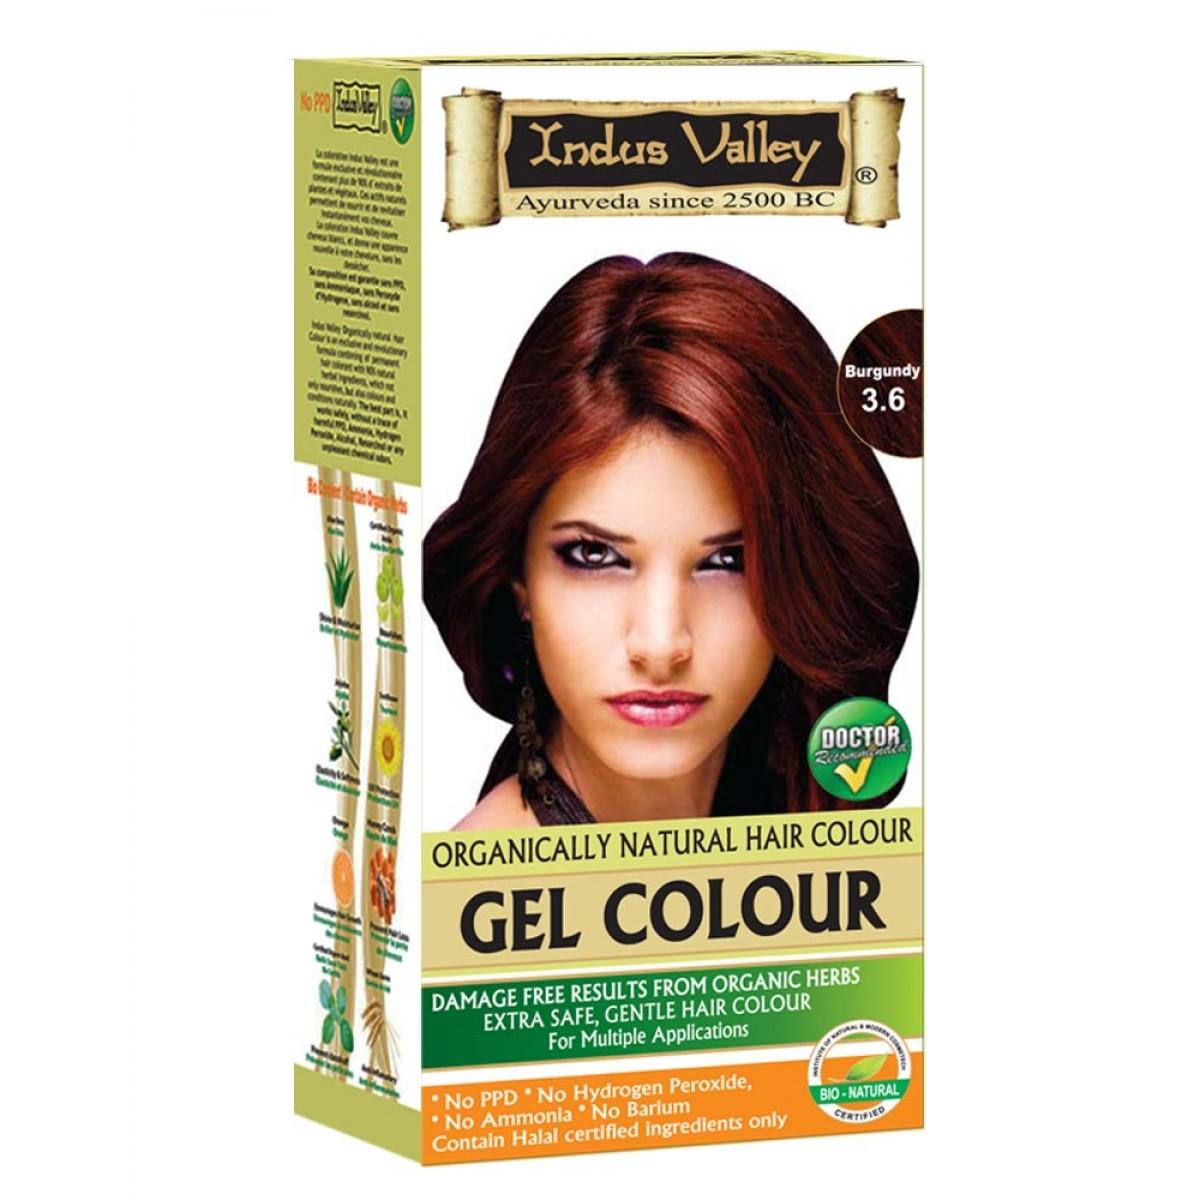 Indus Valley Permanent Gel Herbal Burgundy Extra Safe Gentle Hair